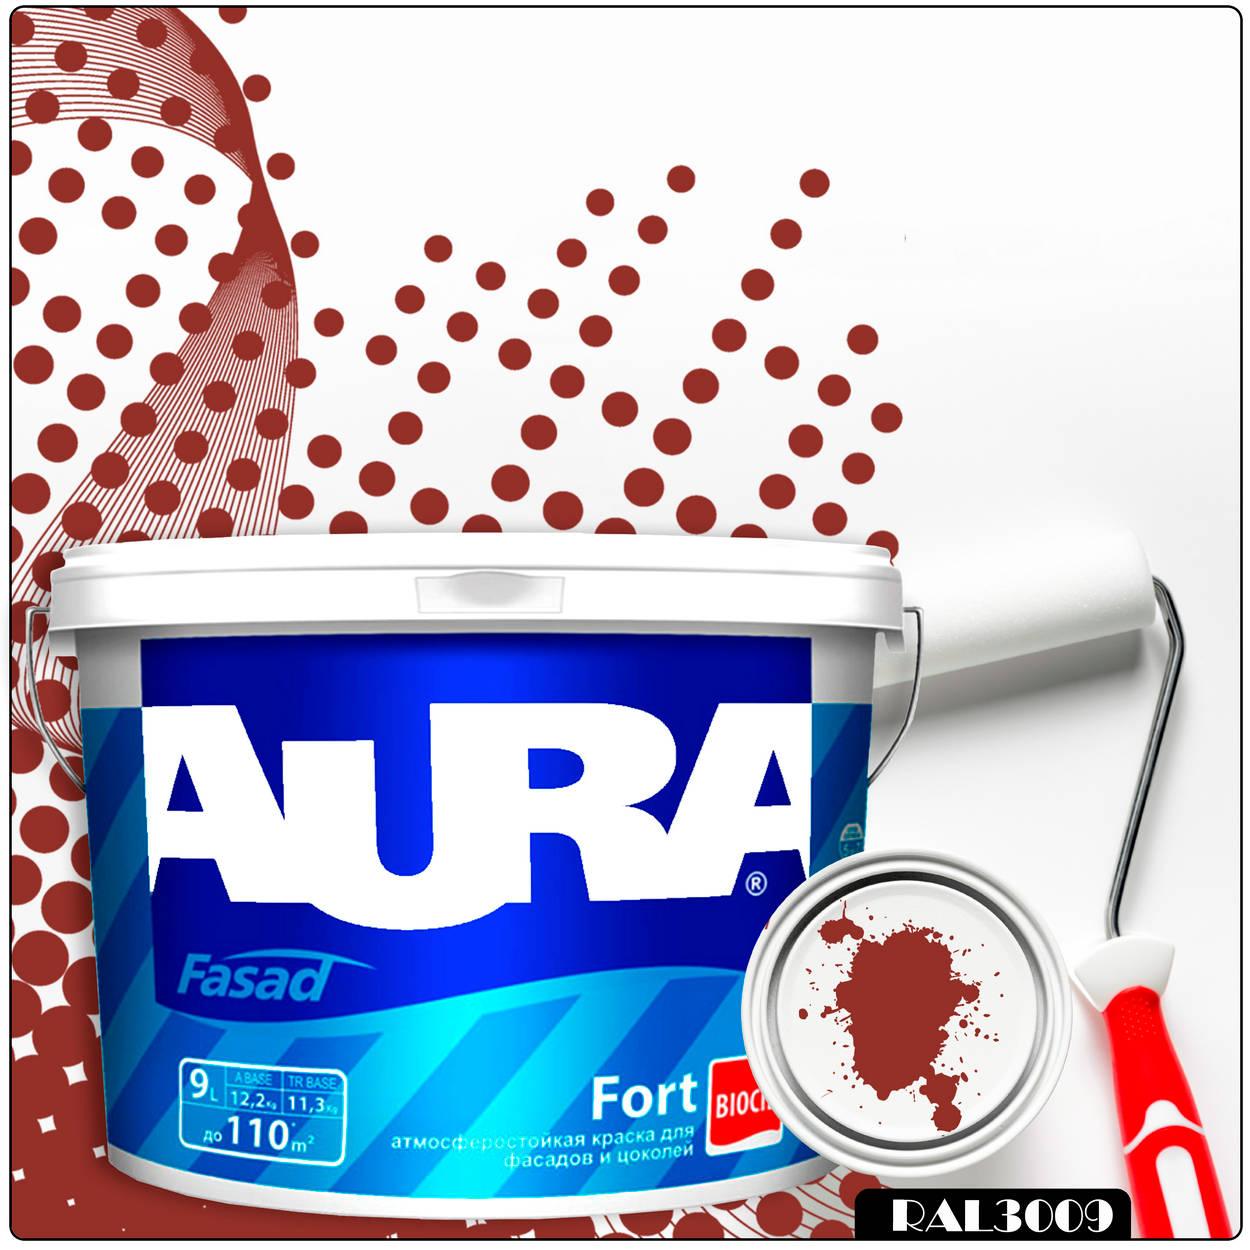 Фото 8 - Краска Aura Fasad Fort, RAL 3009 Оксидно-красный, латексная, матовая, для фасада и цоколей, 9л, Аура.